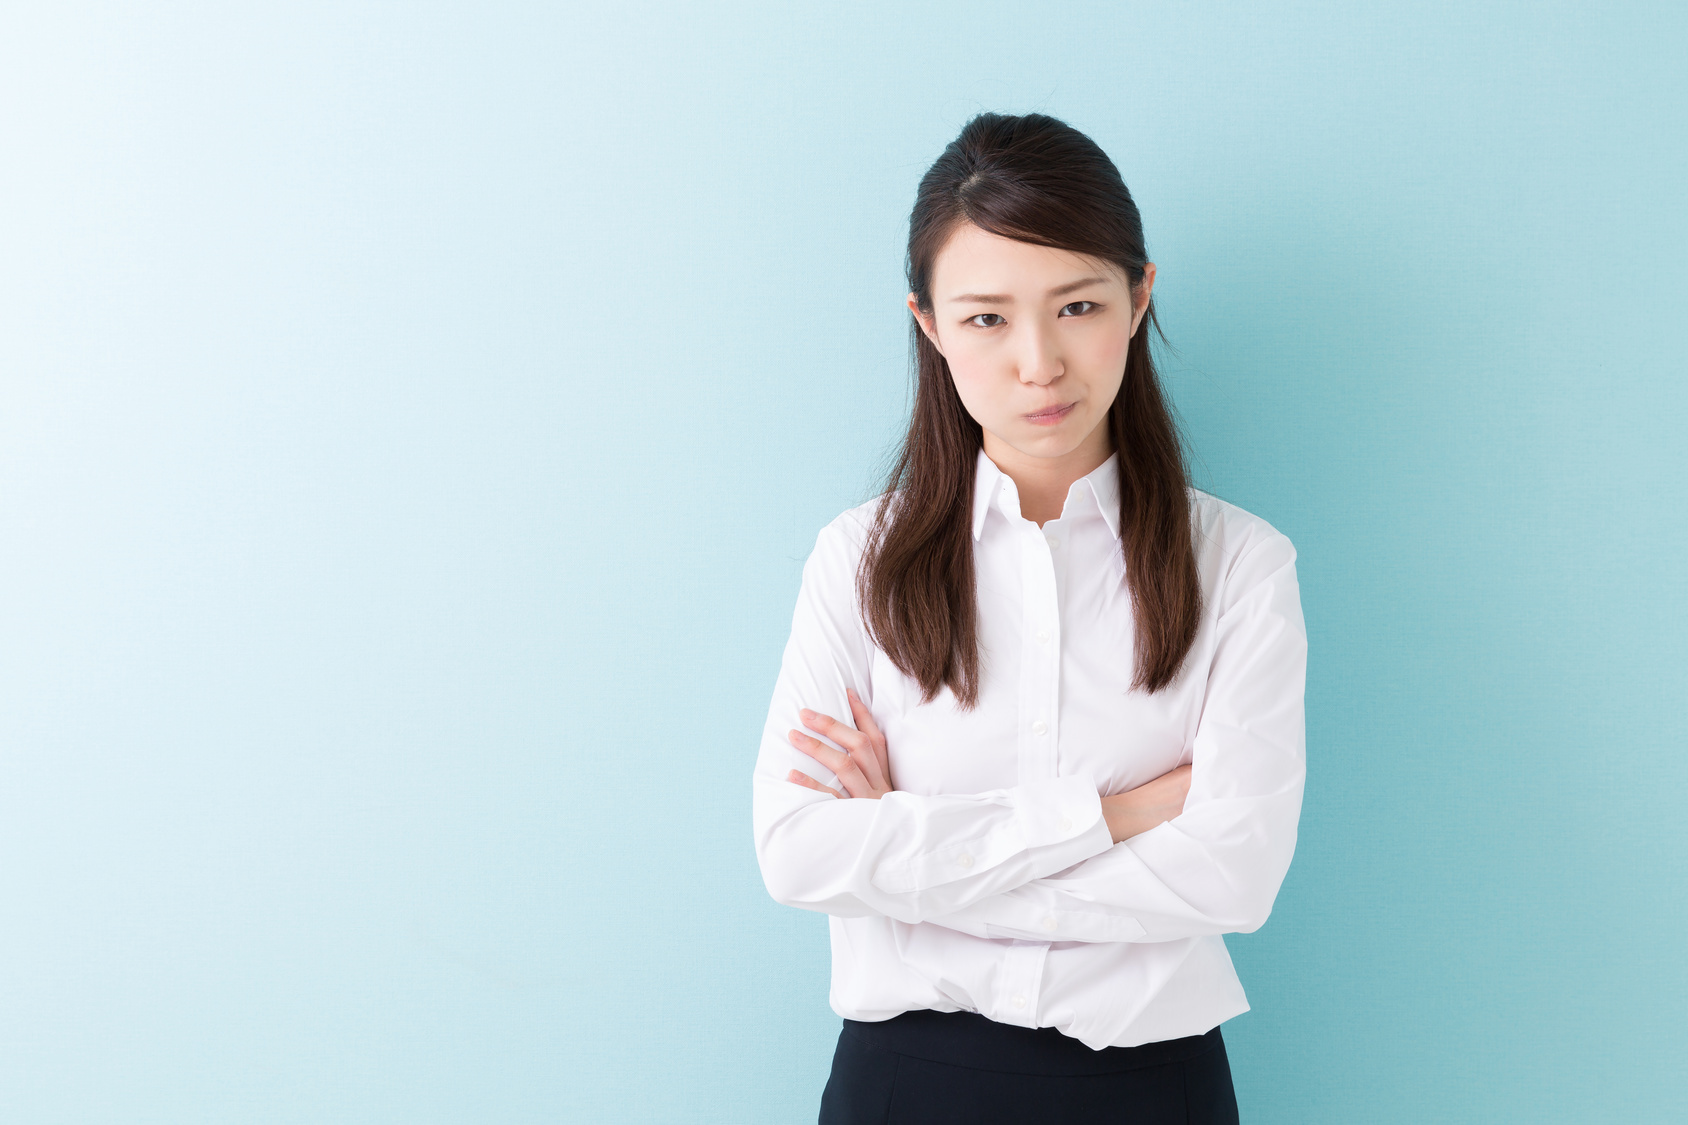 「課長が負けた裁判」に学ぶマネジメント術(1)~相手が明確に拒否しなくてもセクハラになる~